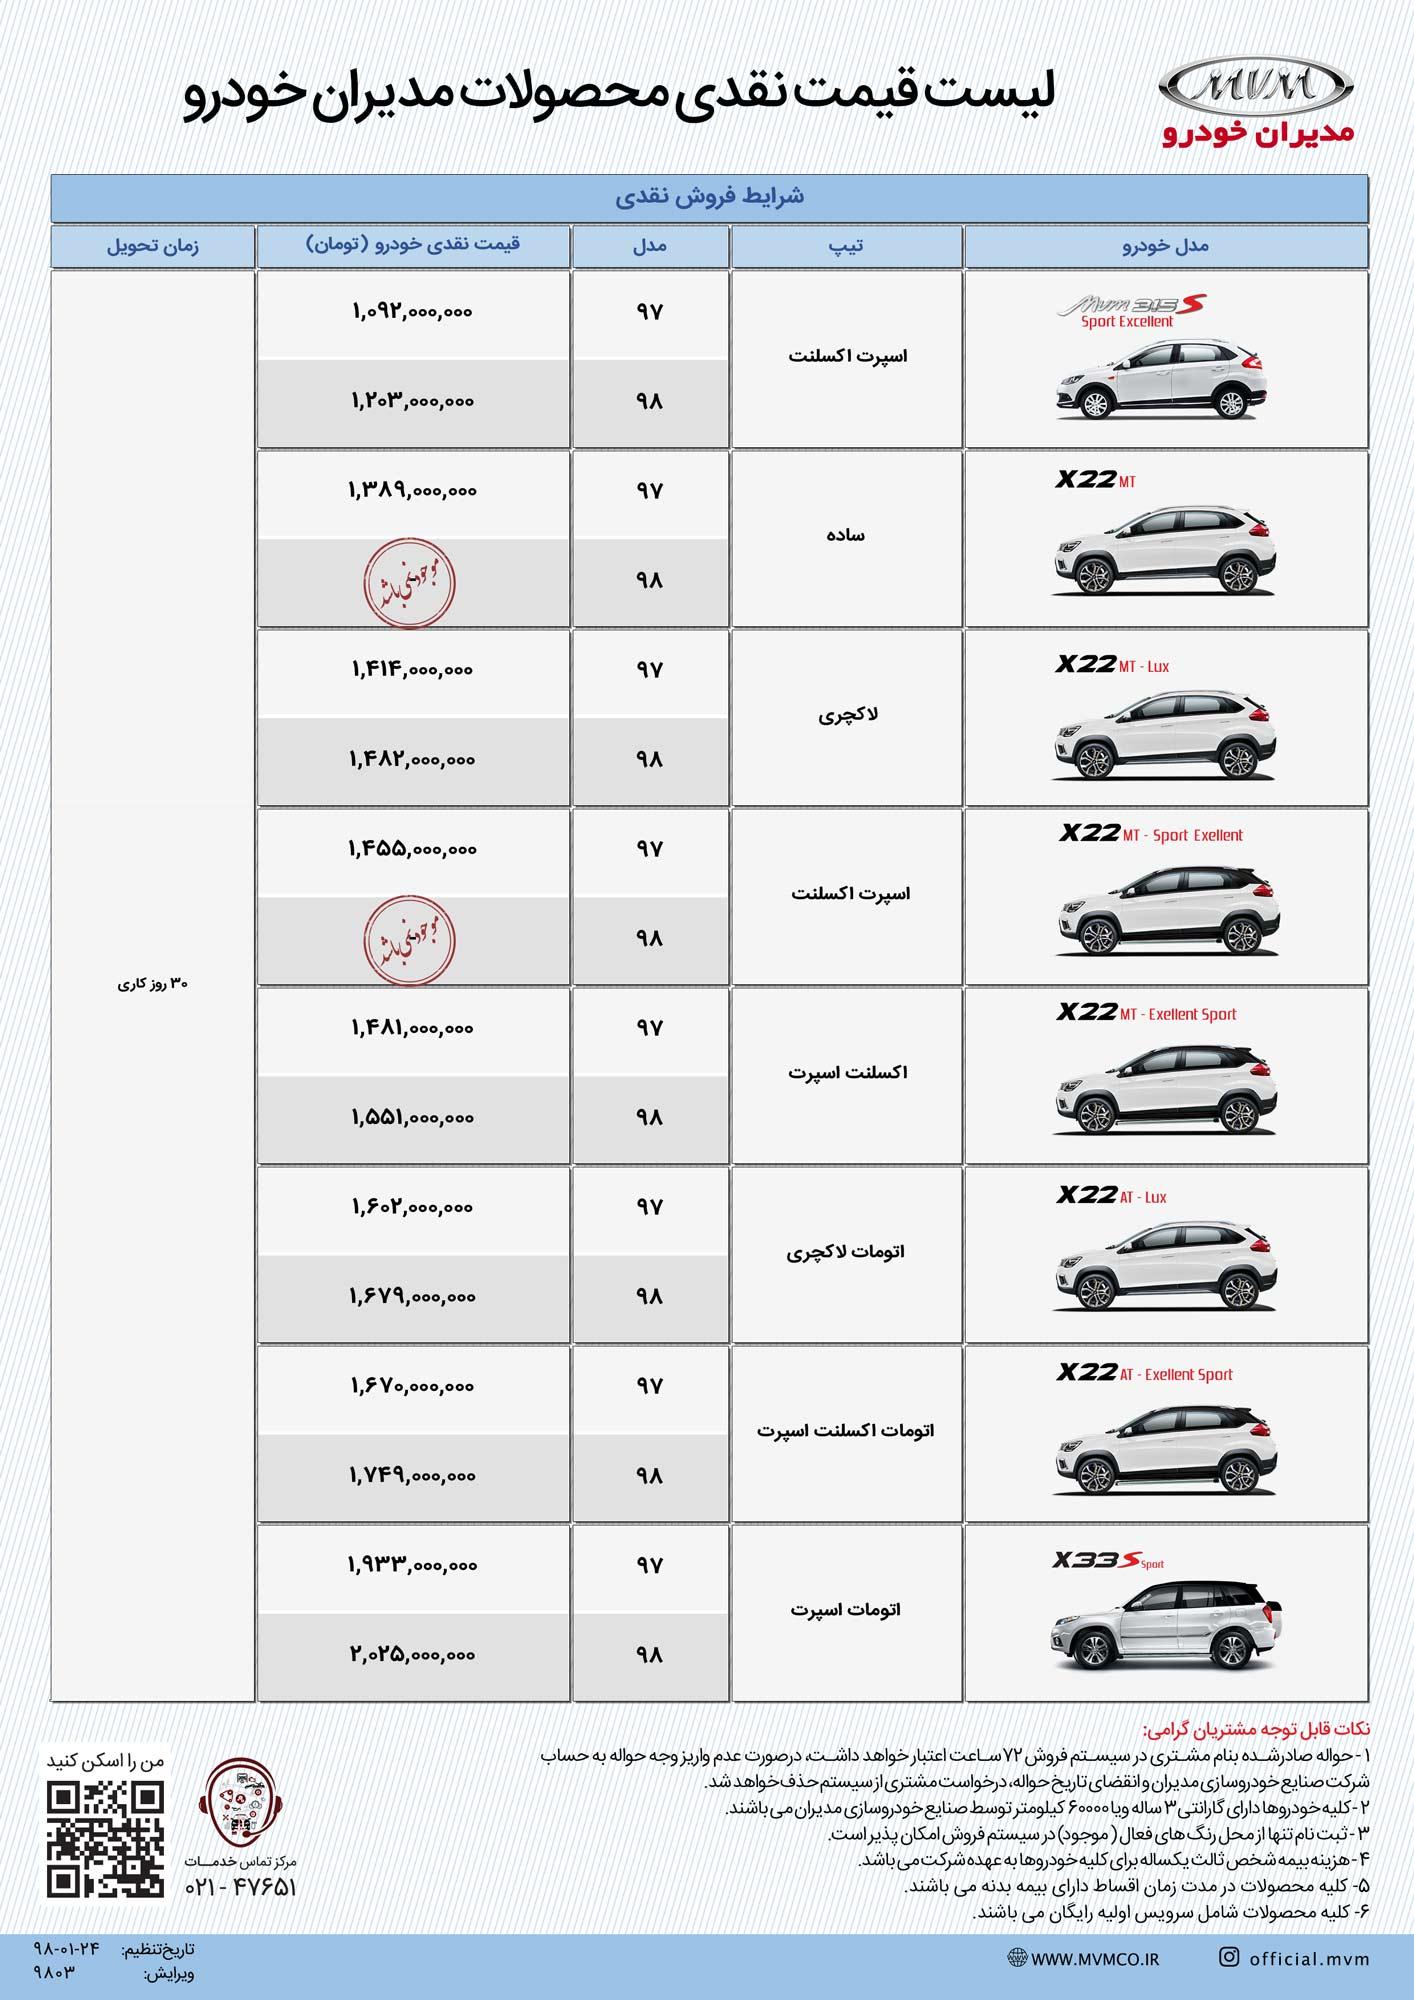 آغاز شرایط ویژه فروش فوری و اقساطی محصولات مدیران خودرو ویژه بهار ۹۸ (+جزئیات)